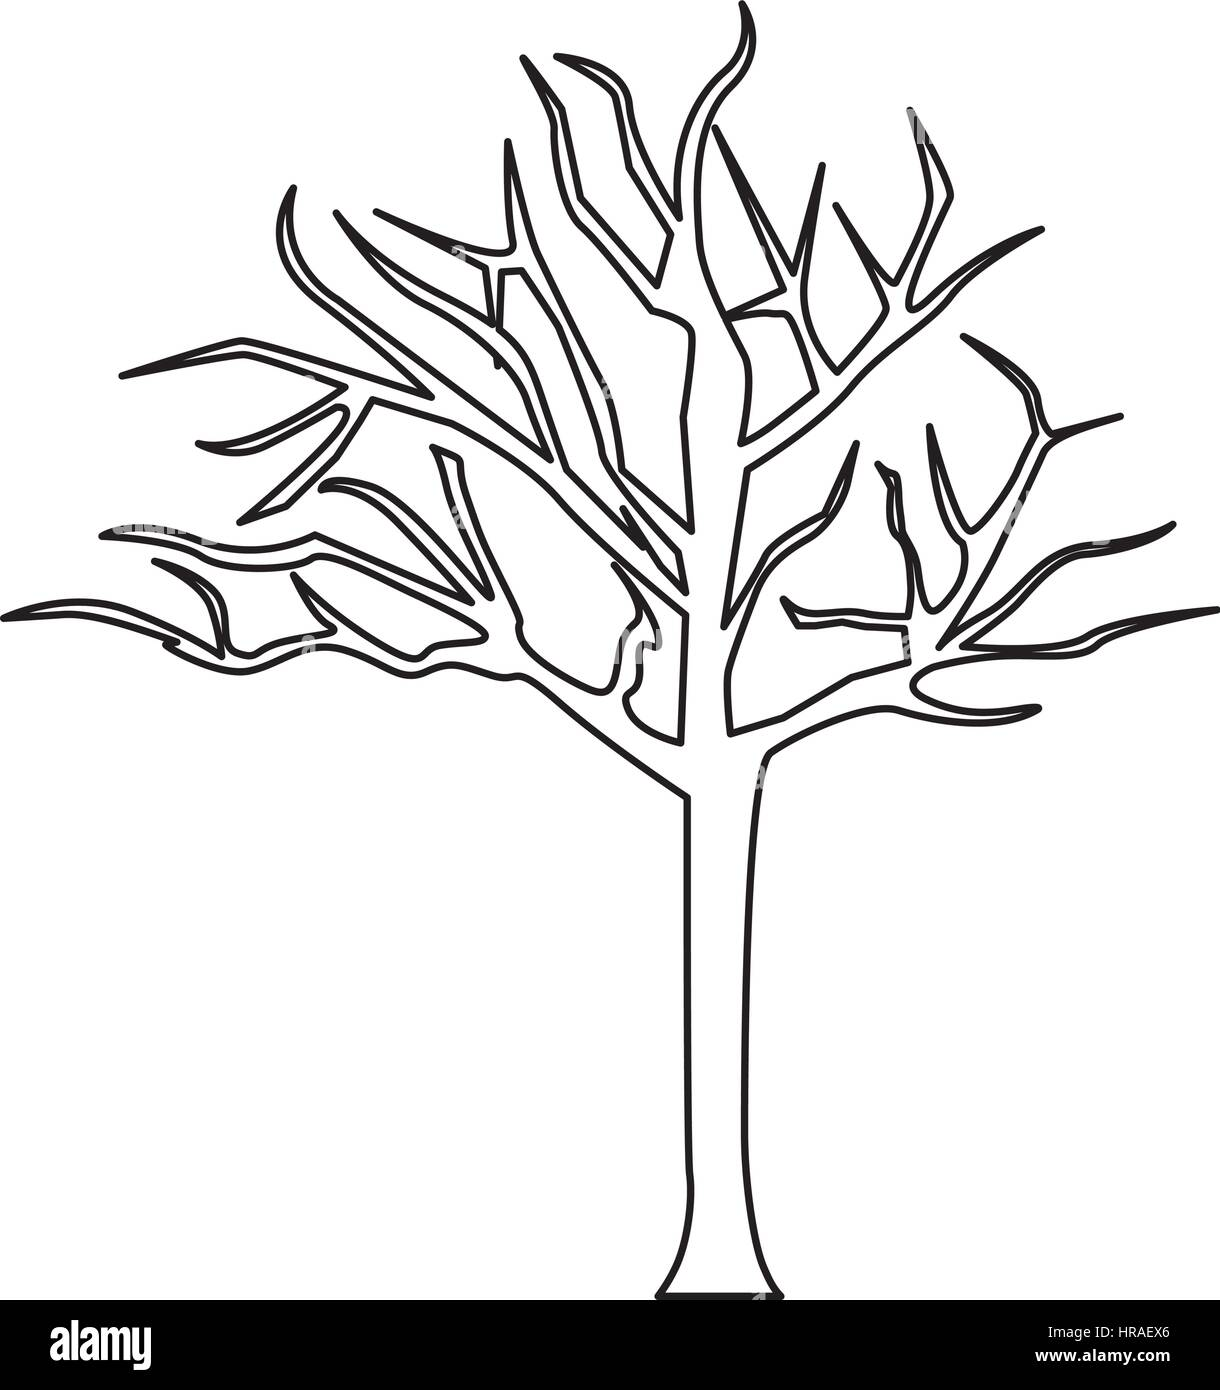 Arbre Silhouette Avec Des Branches Sans Feuilles Image Vectorielle Stock Alamy